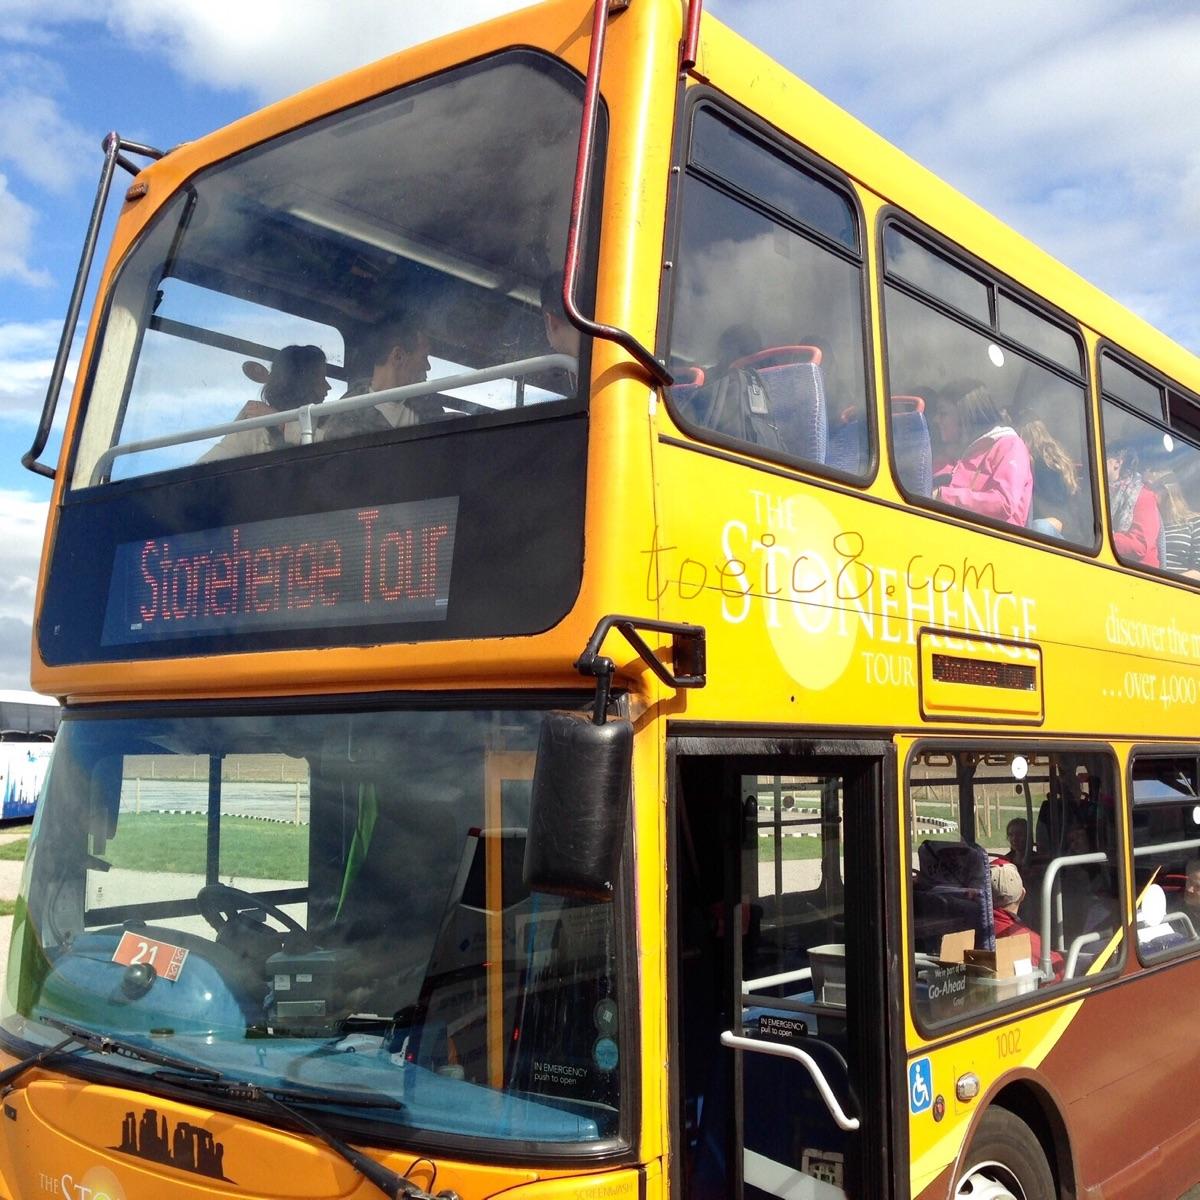 TOEIC研究室きくメルマガ第19話の写真イギリスのストーンヘンジに向かうバスです。